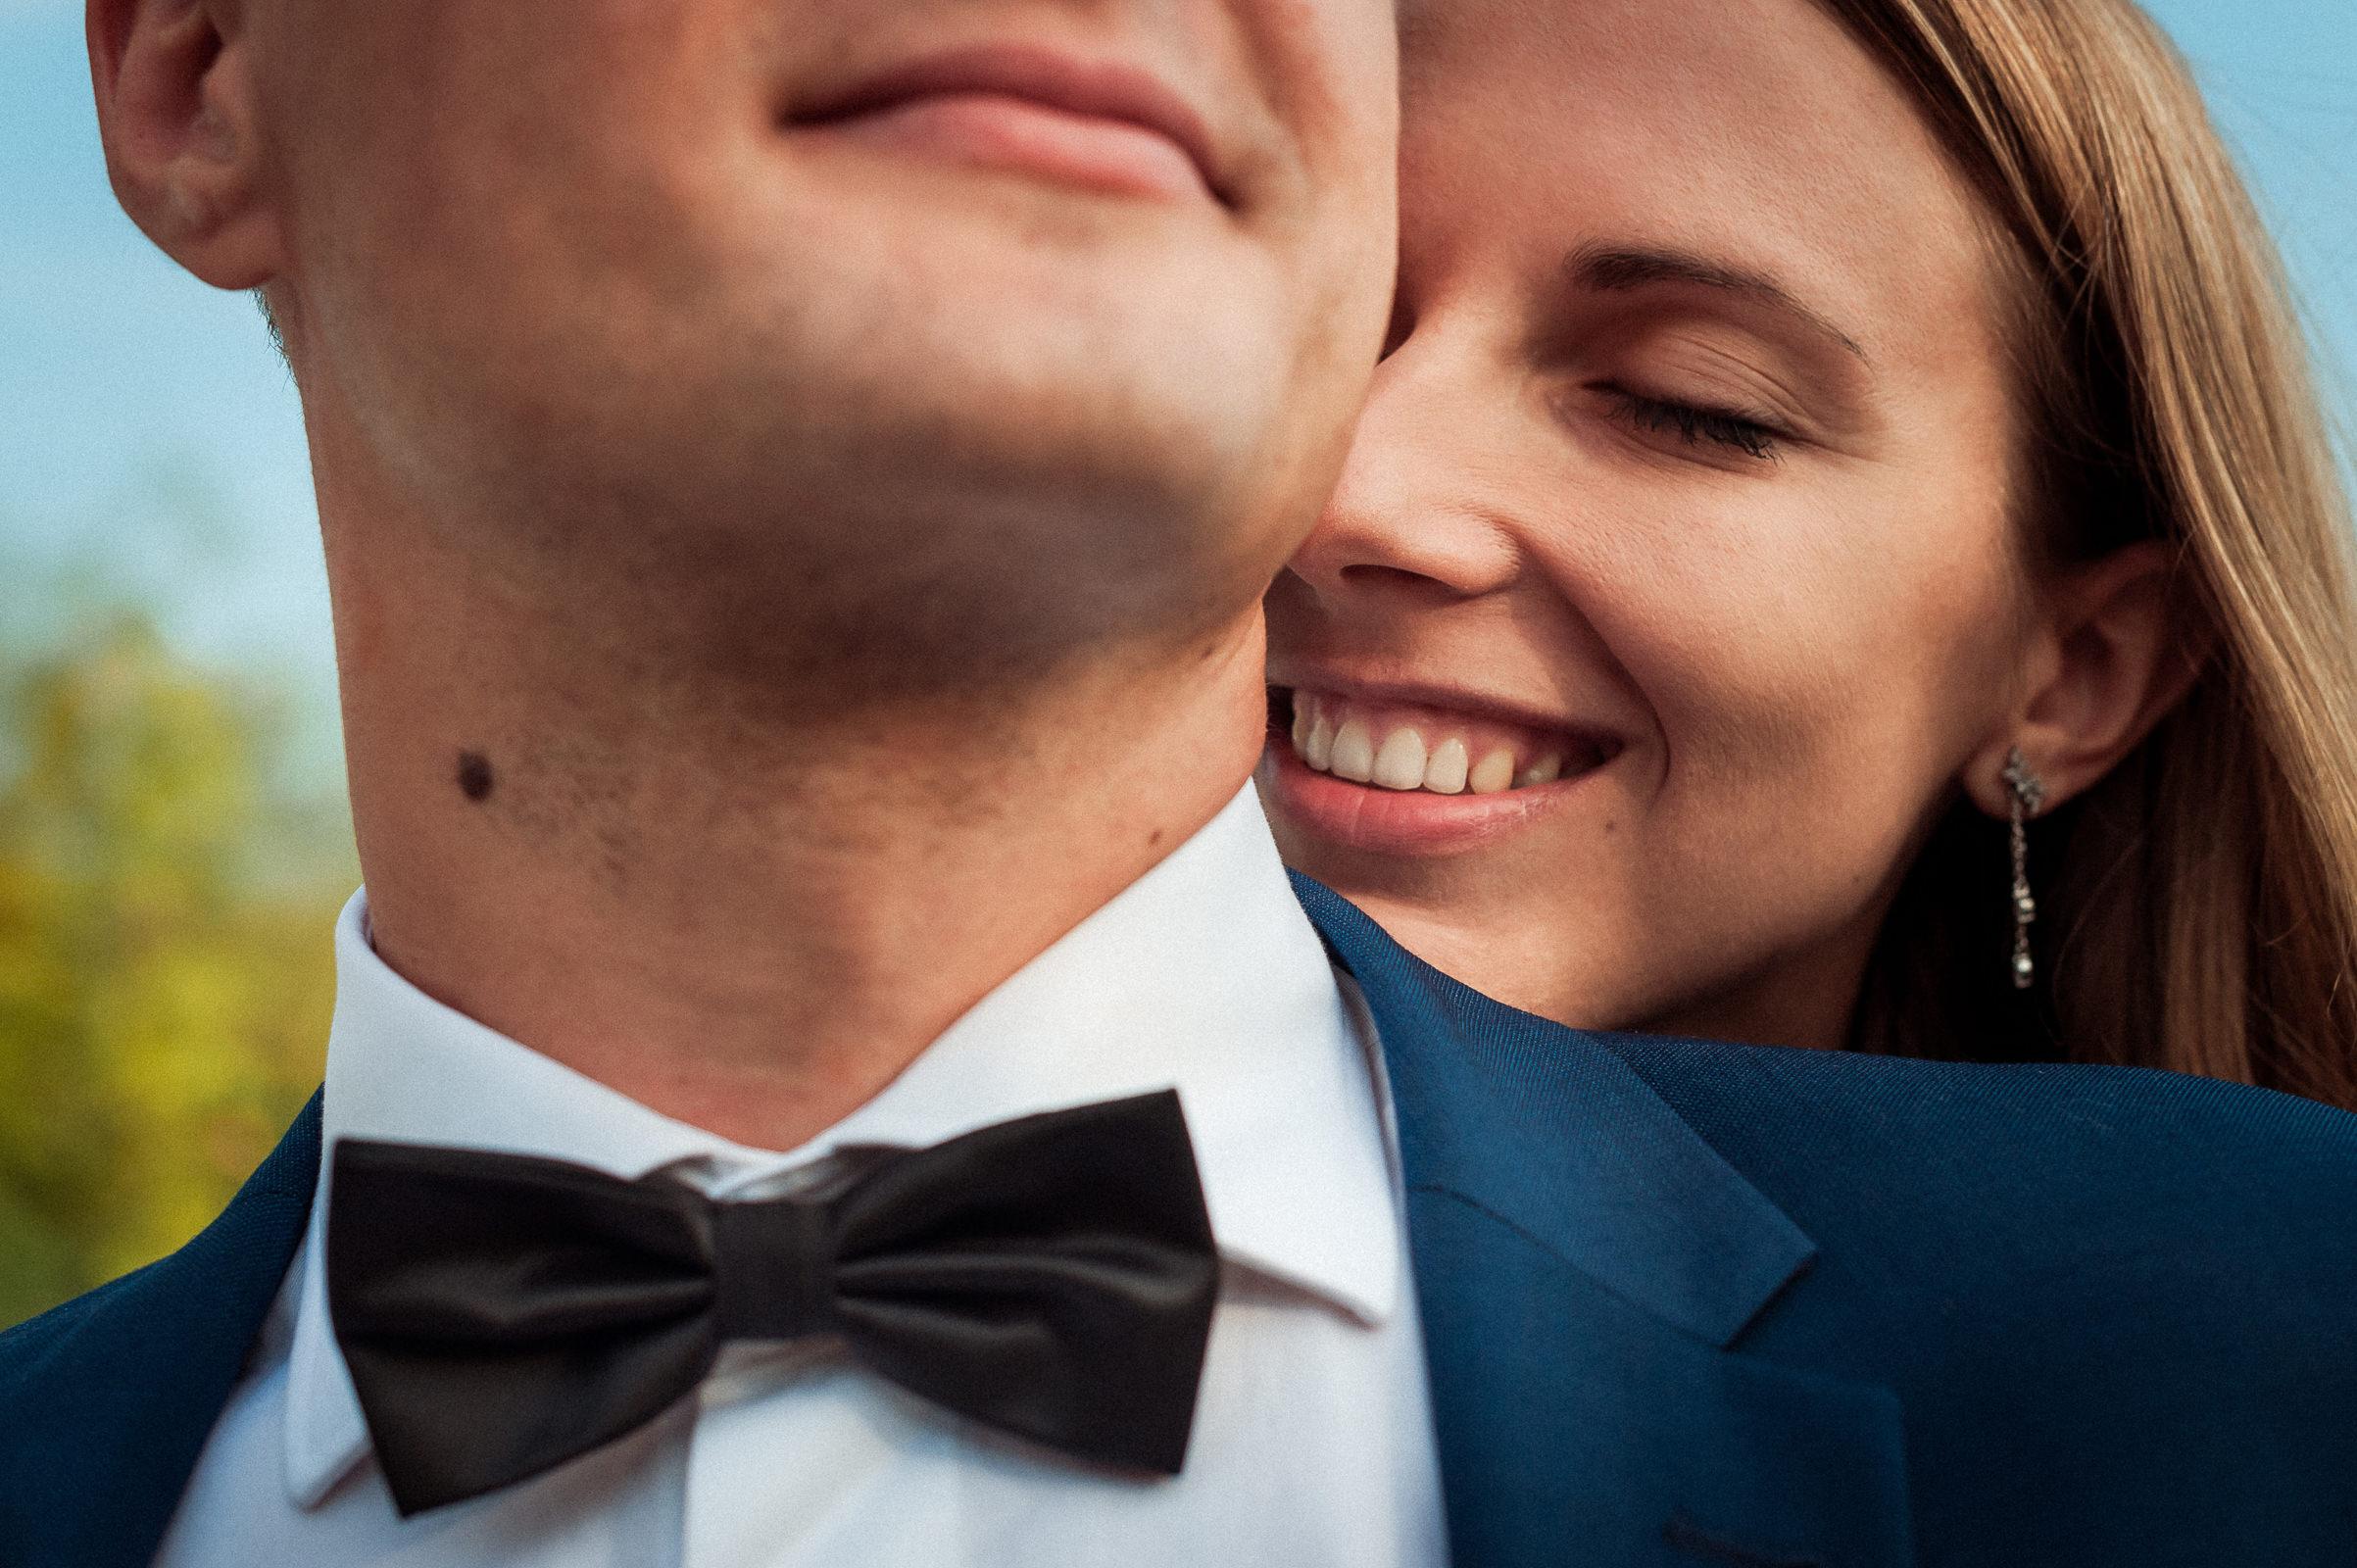 sesja ślubna - uśmiech zadowolenia na twarzach pary młodej